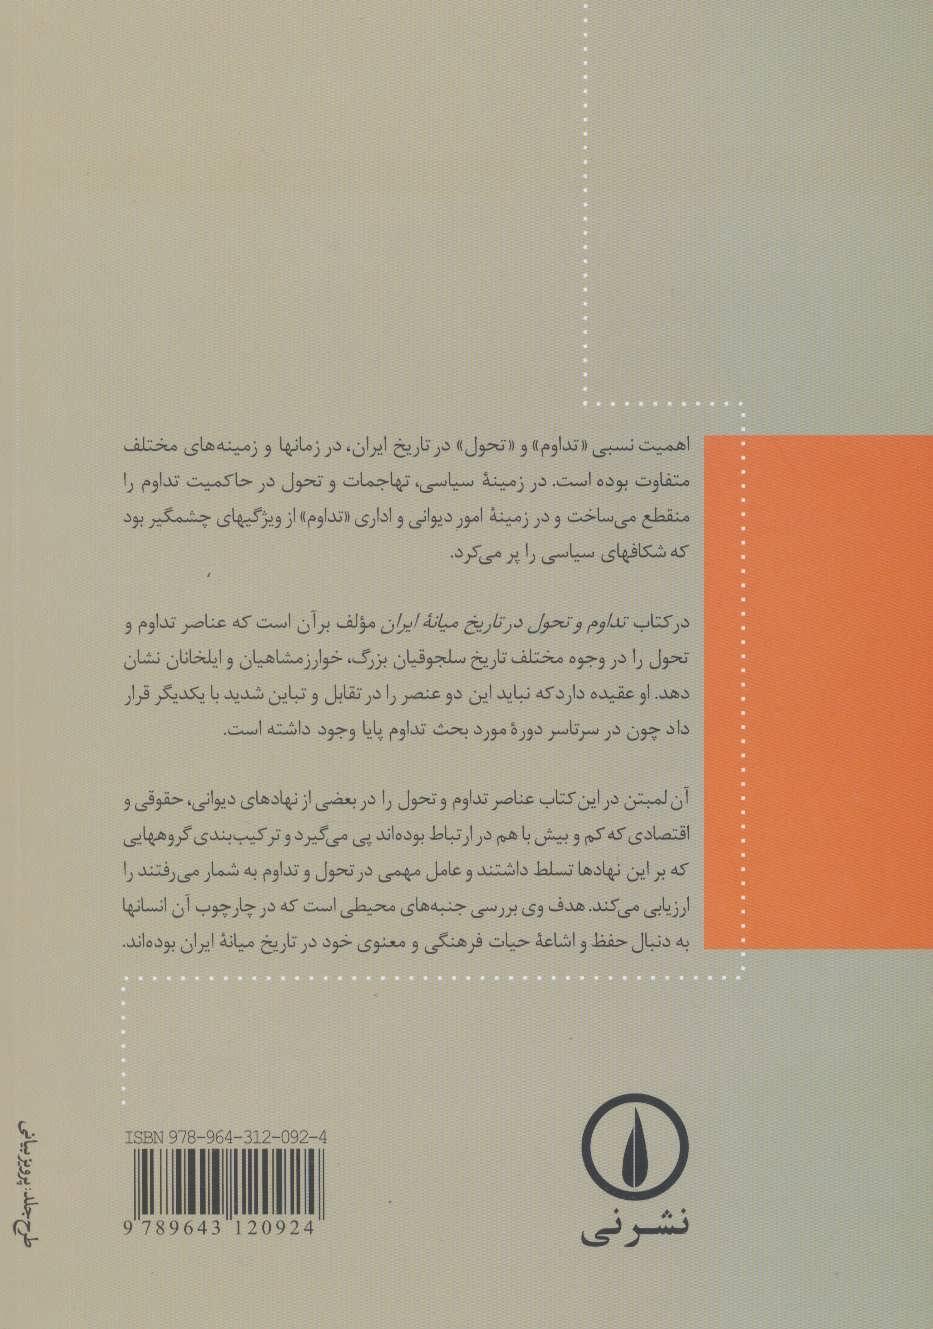 تداوم و تحول در تاریخ میانه ایران